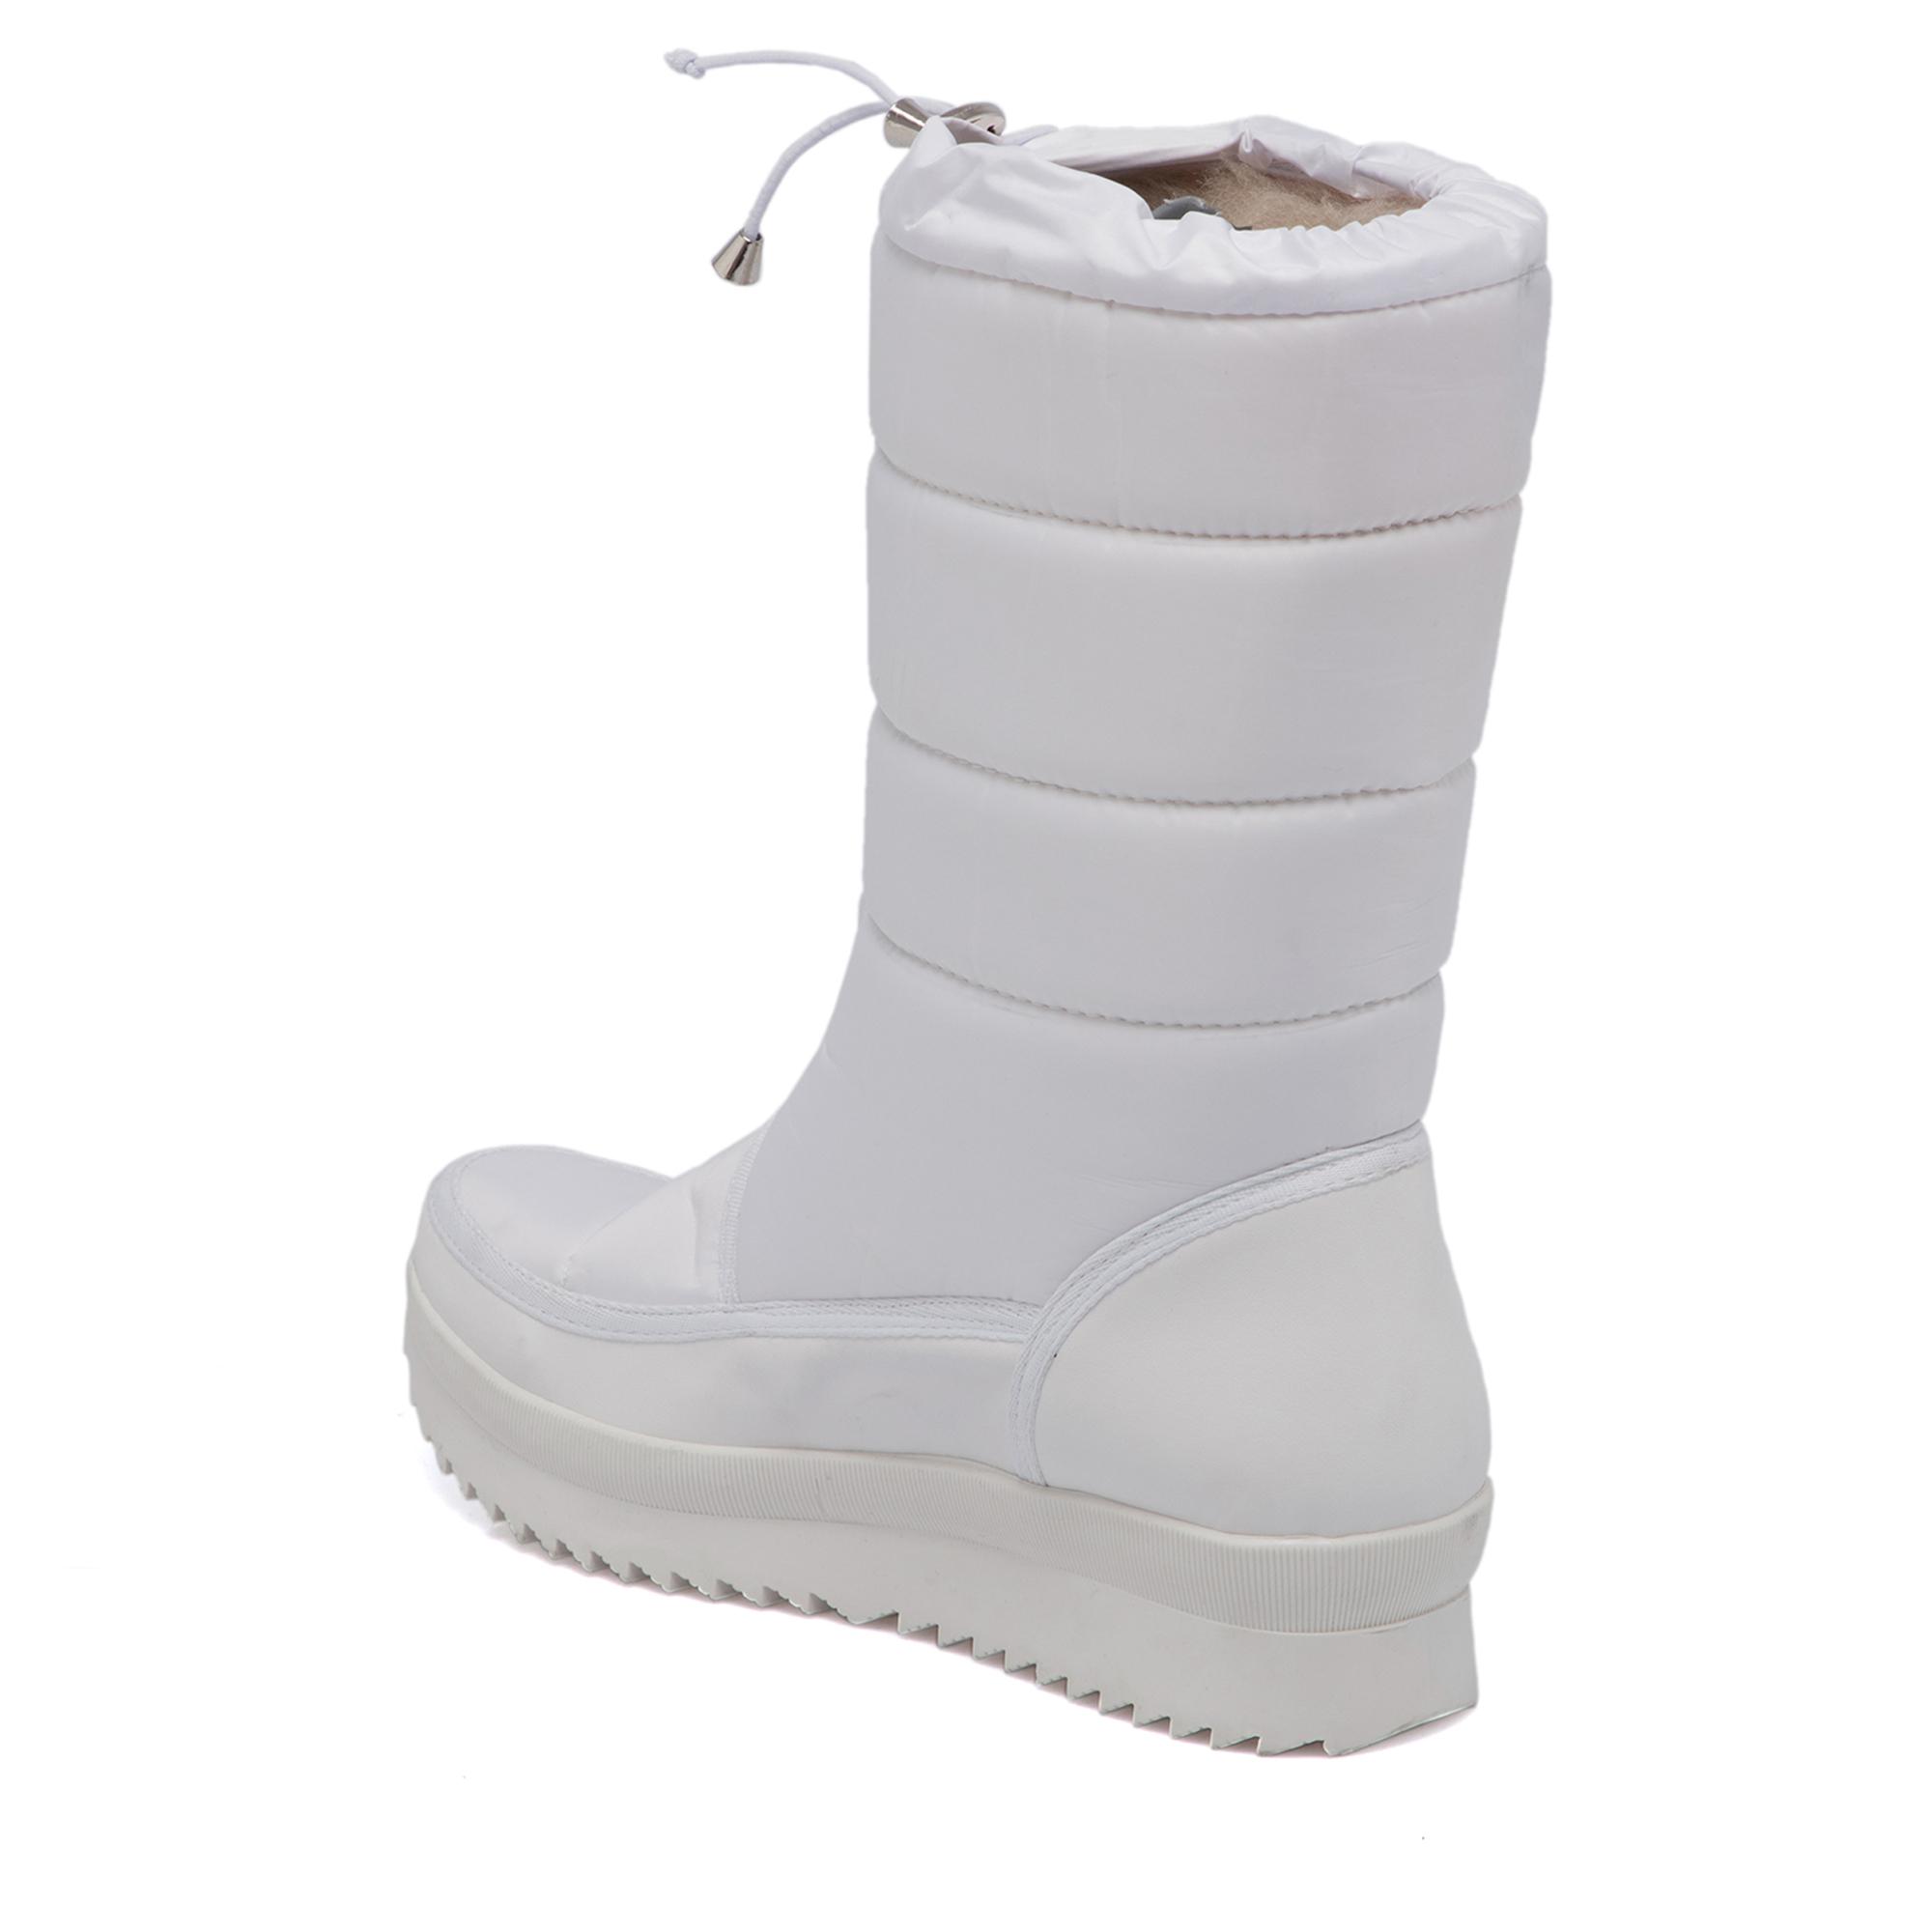 Beyaz Vegan-Tekstil Kadın Bot 65345I45